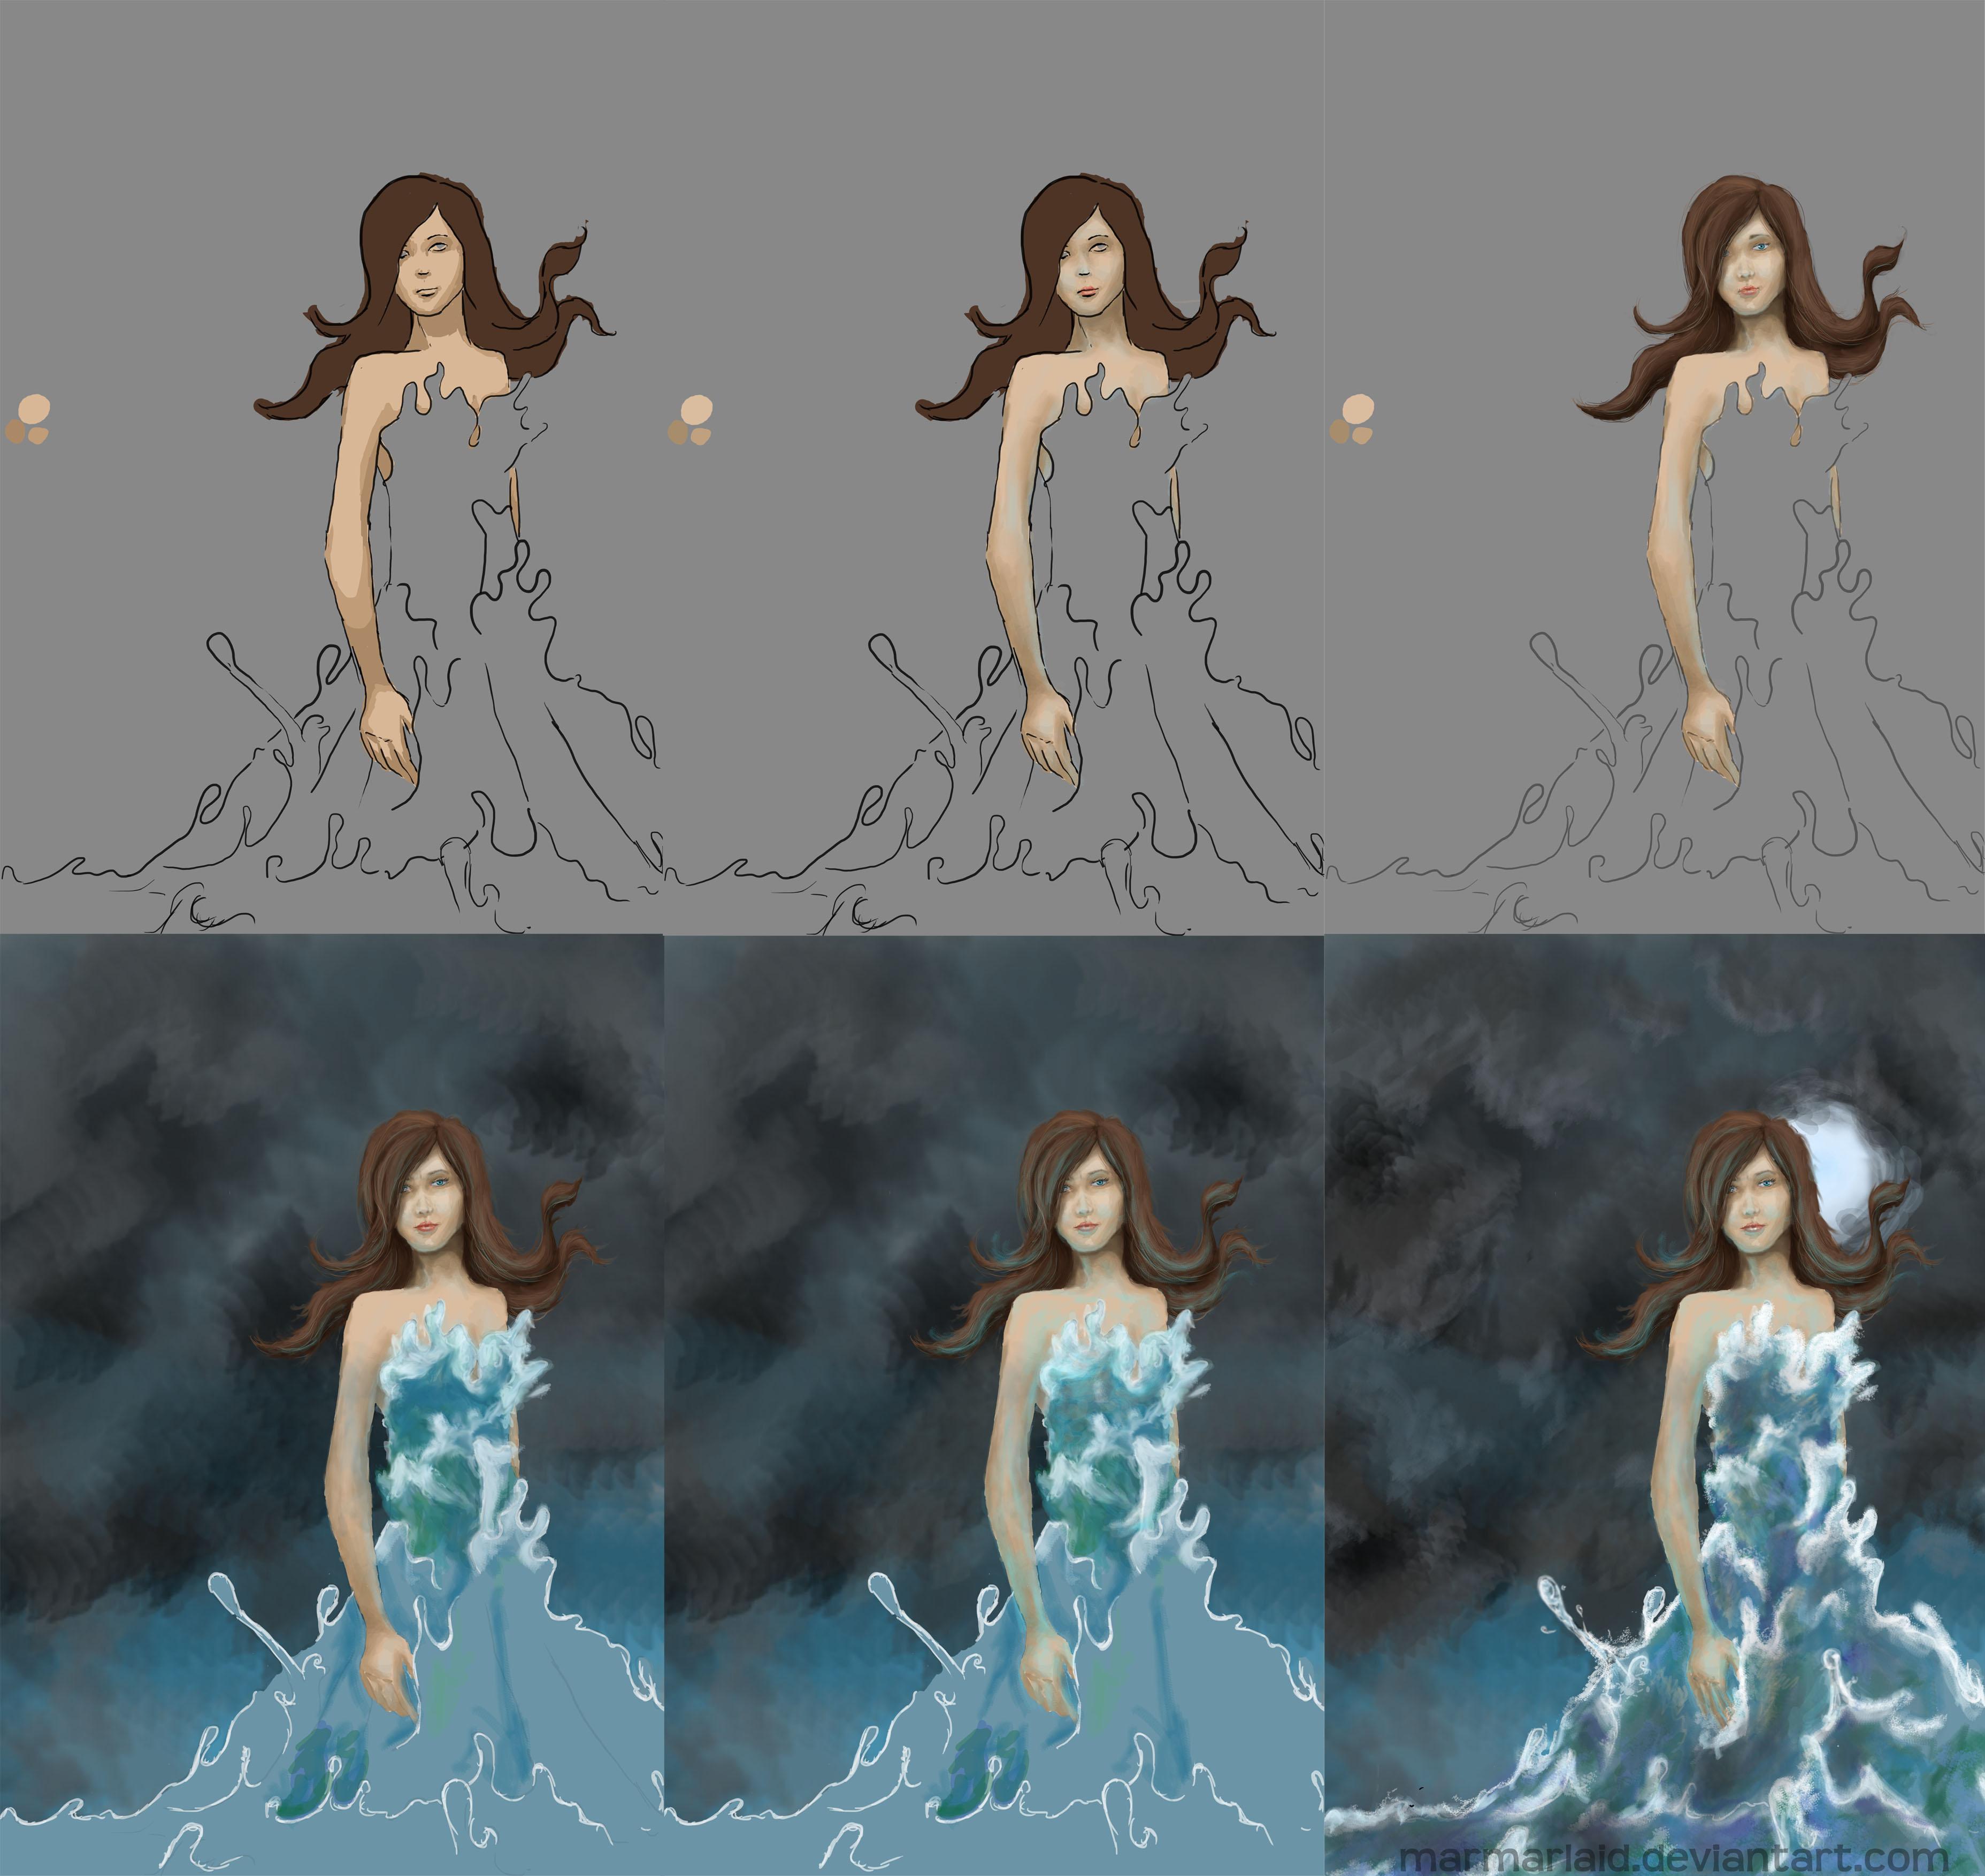 soul of ocean - progression by marmarlaid